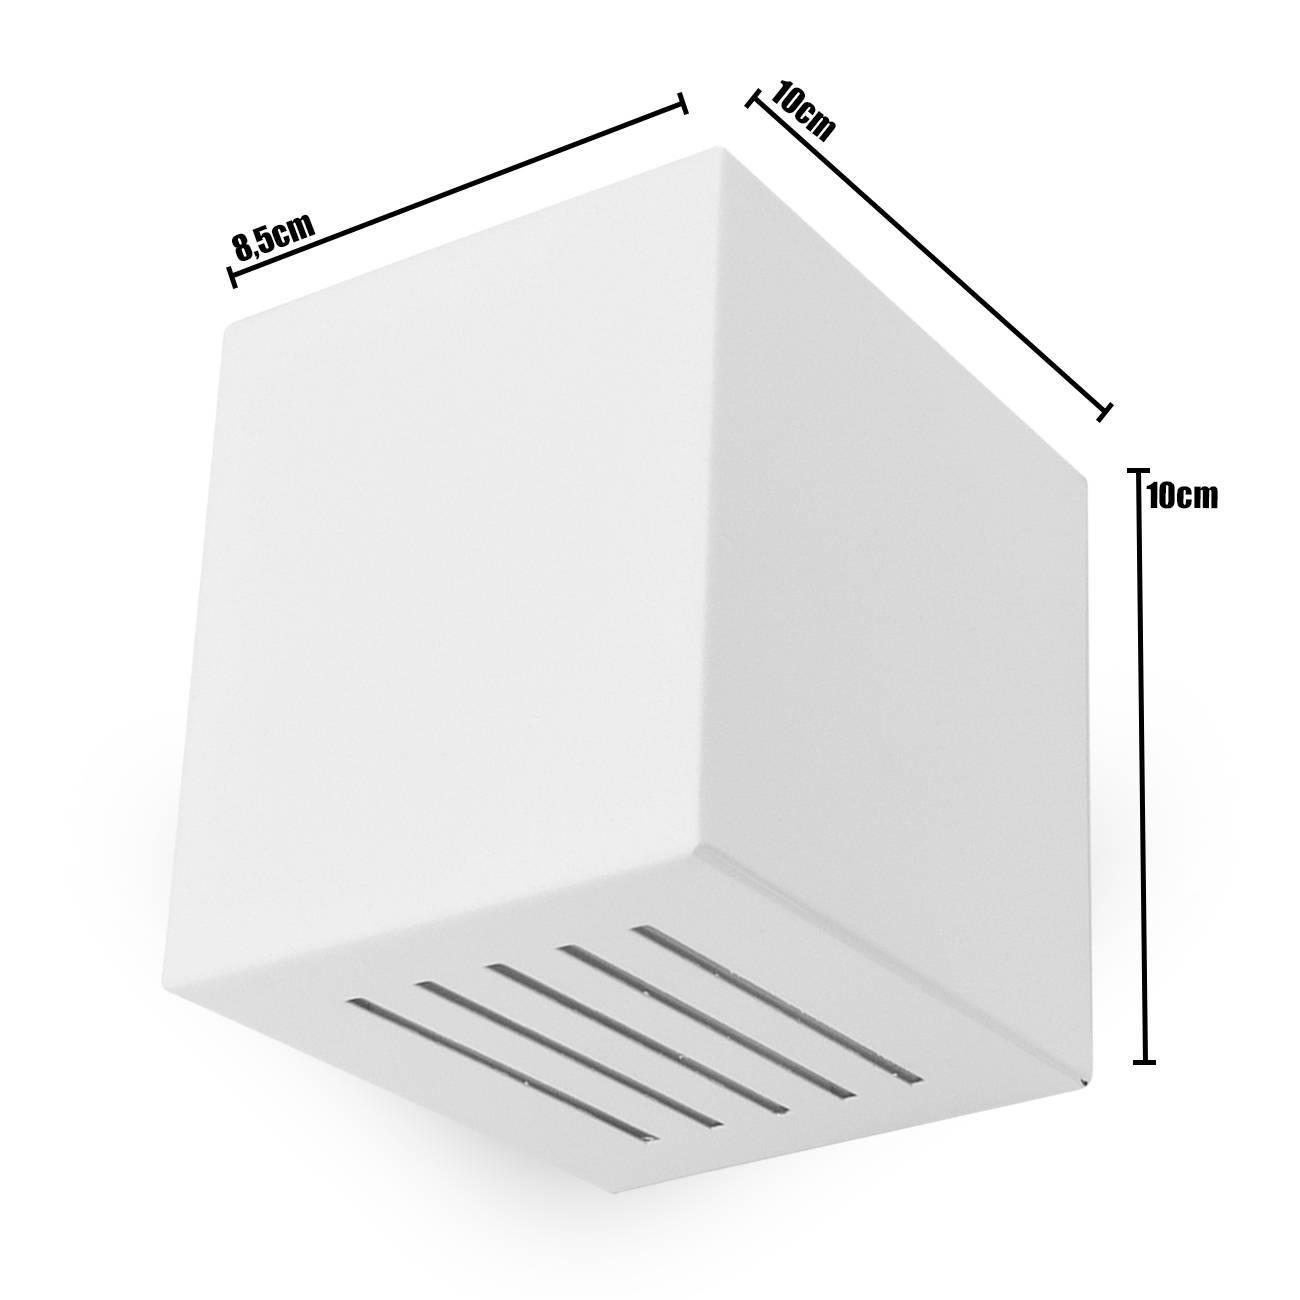 Kit 6 Arandelas Luminária Frisada Efeito Parede Externa/ Int - LCGELETRO